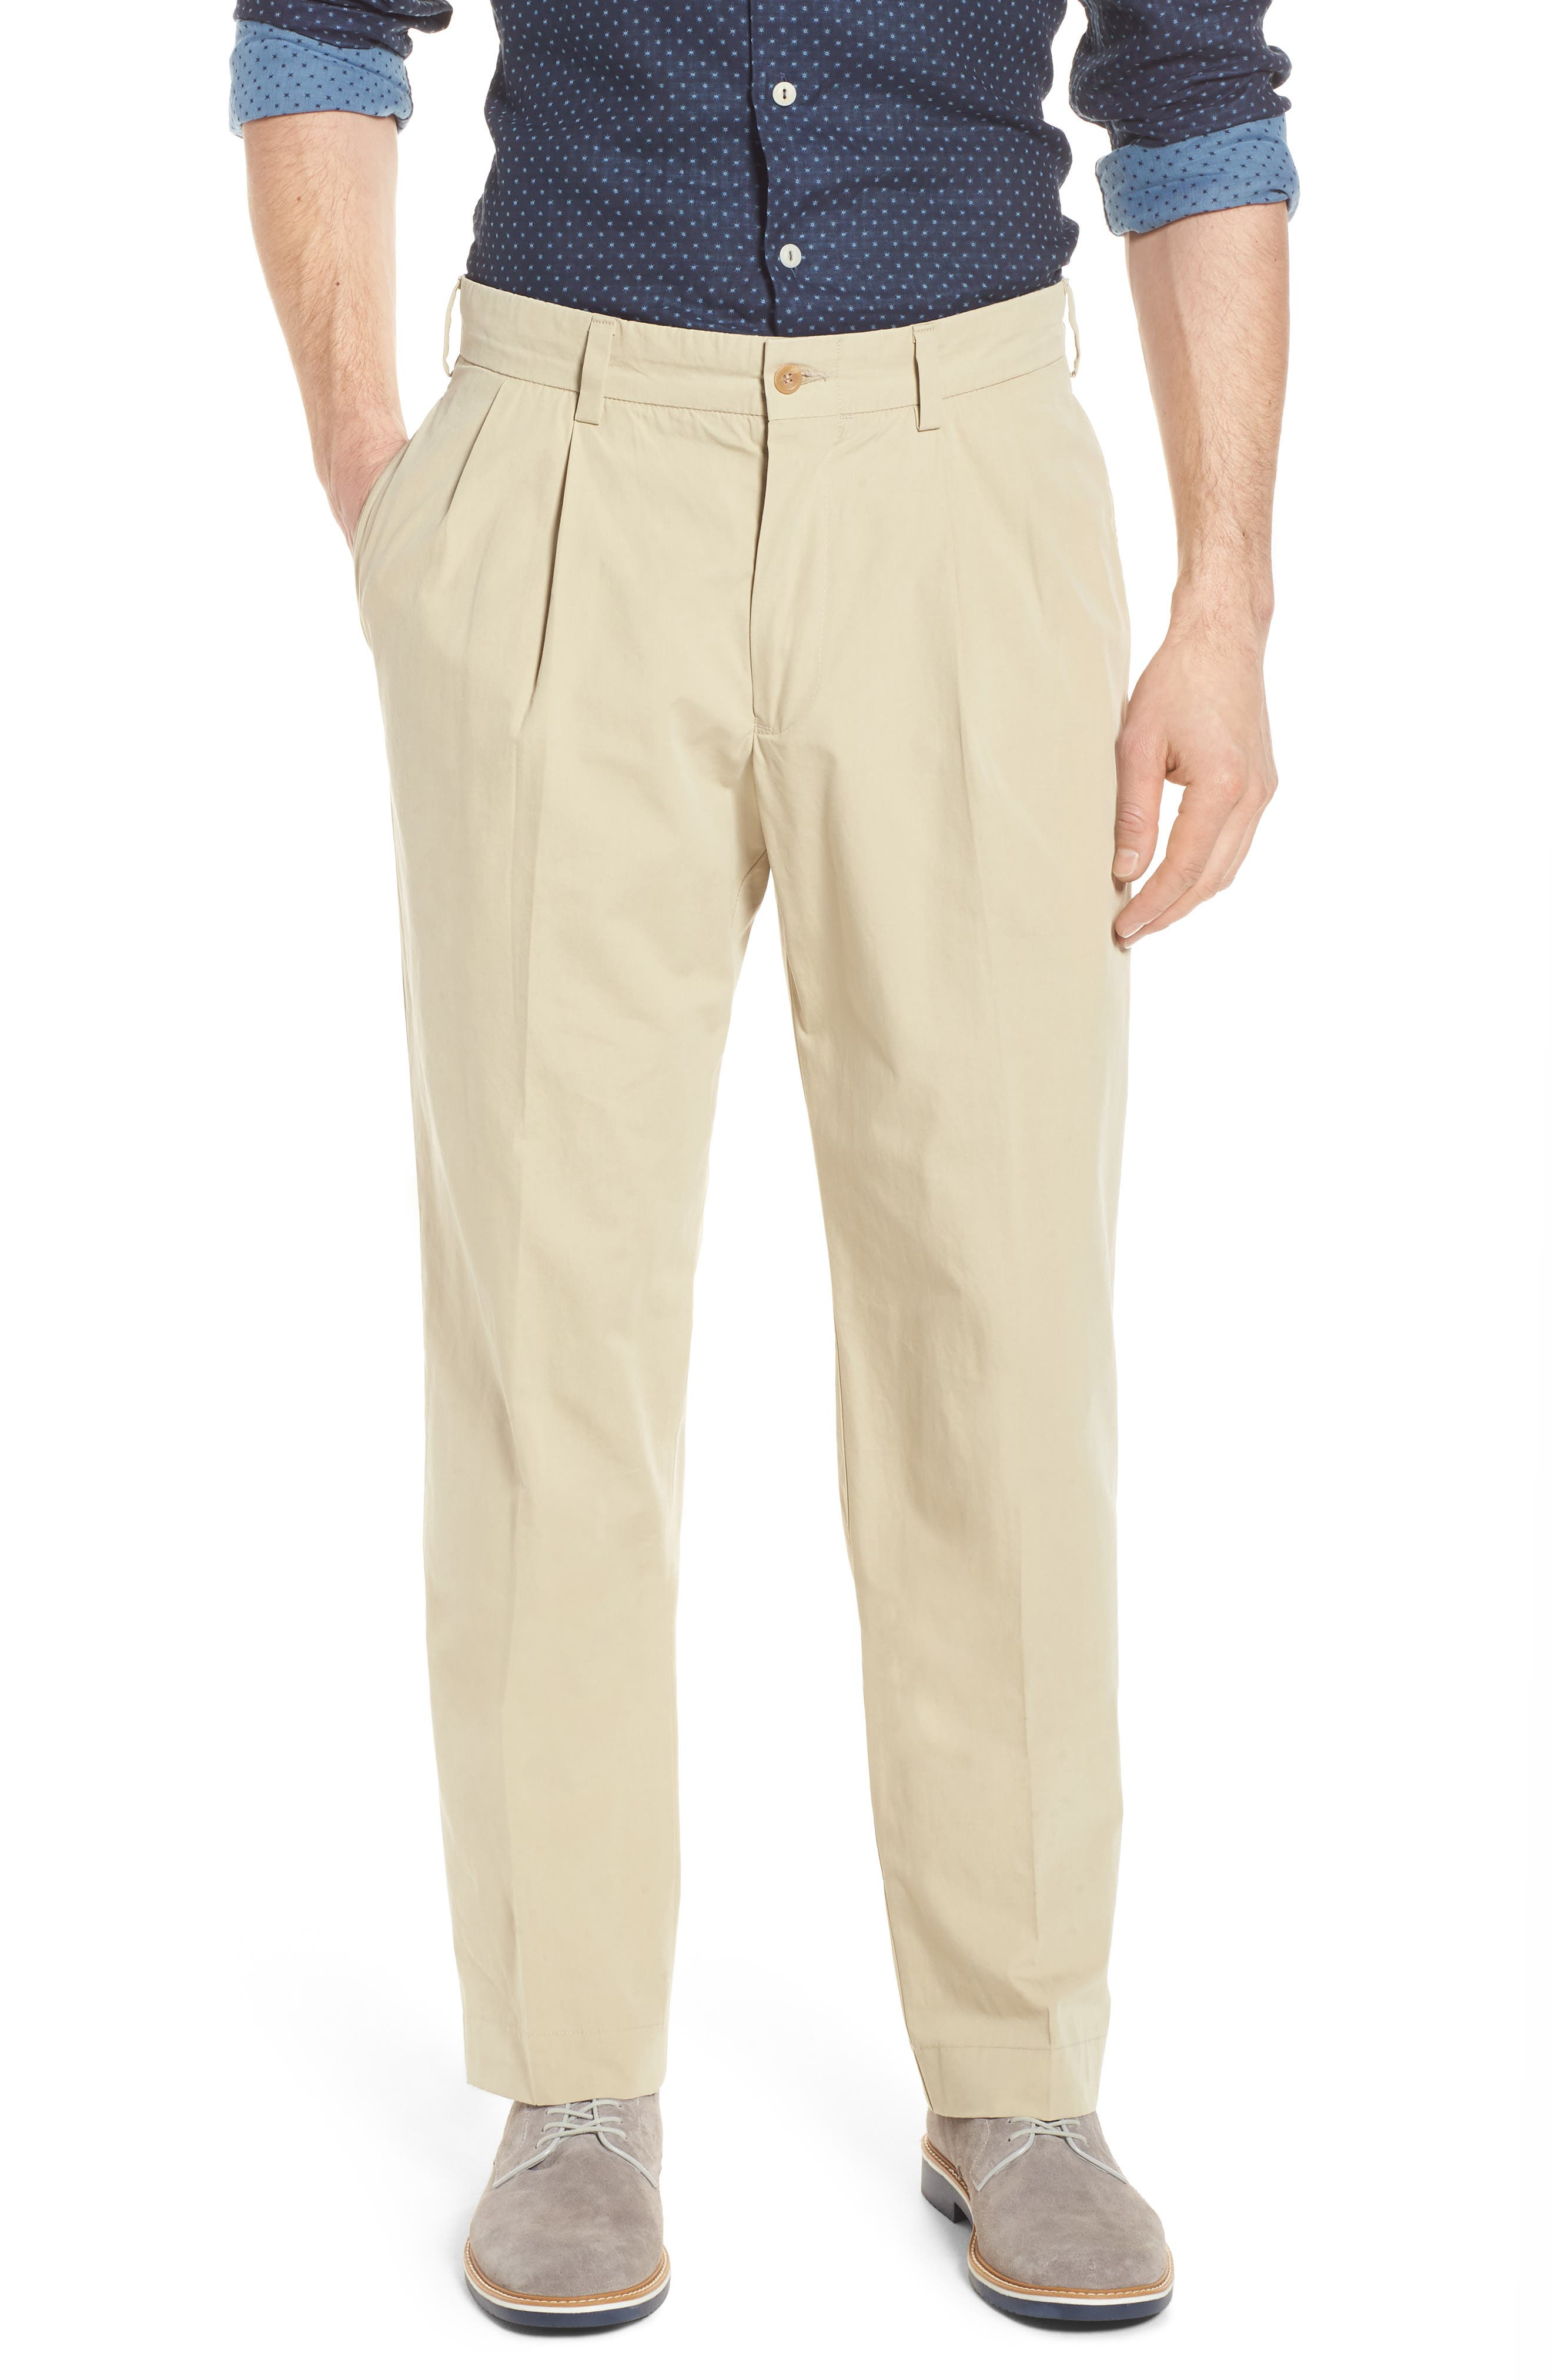 M2 Classic Fit Pleated Tropical Cotton Poplin Pants,                         Main,                         color, Khaki